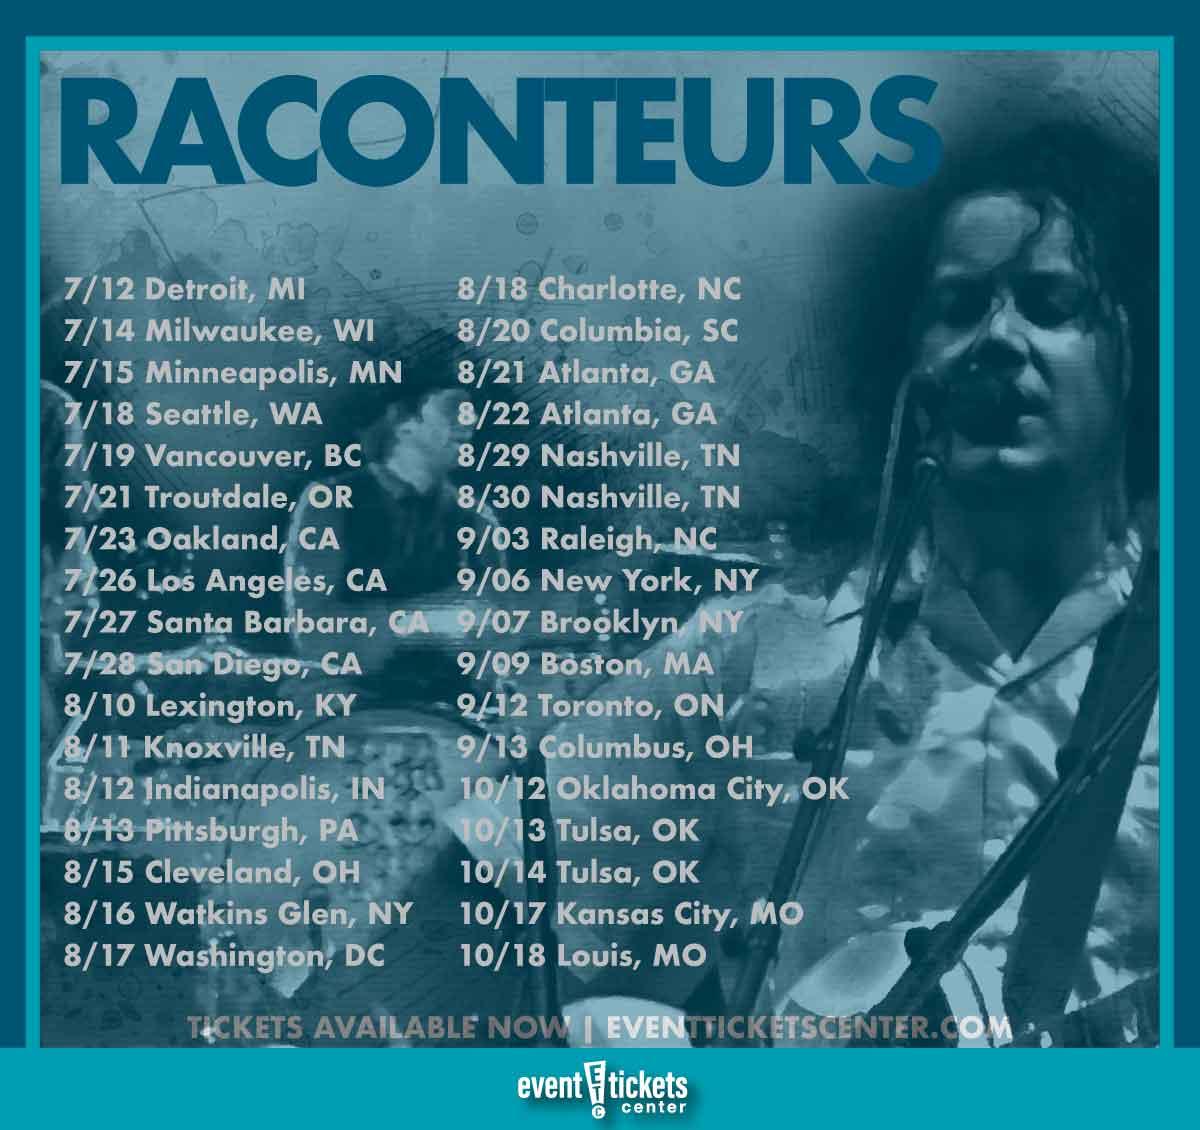 the raconteurs tour dates